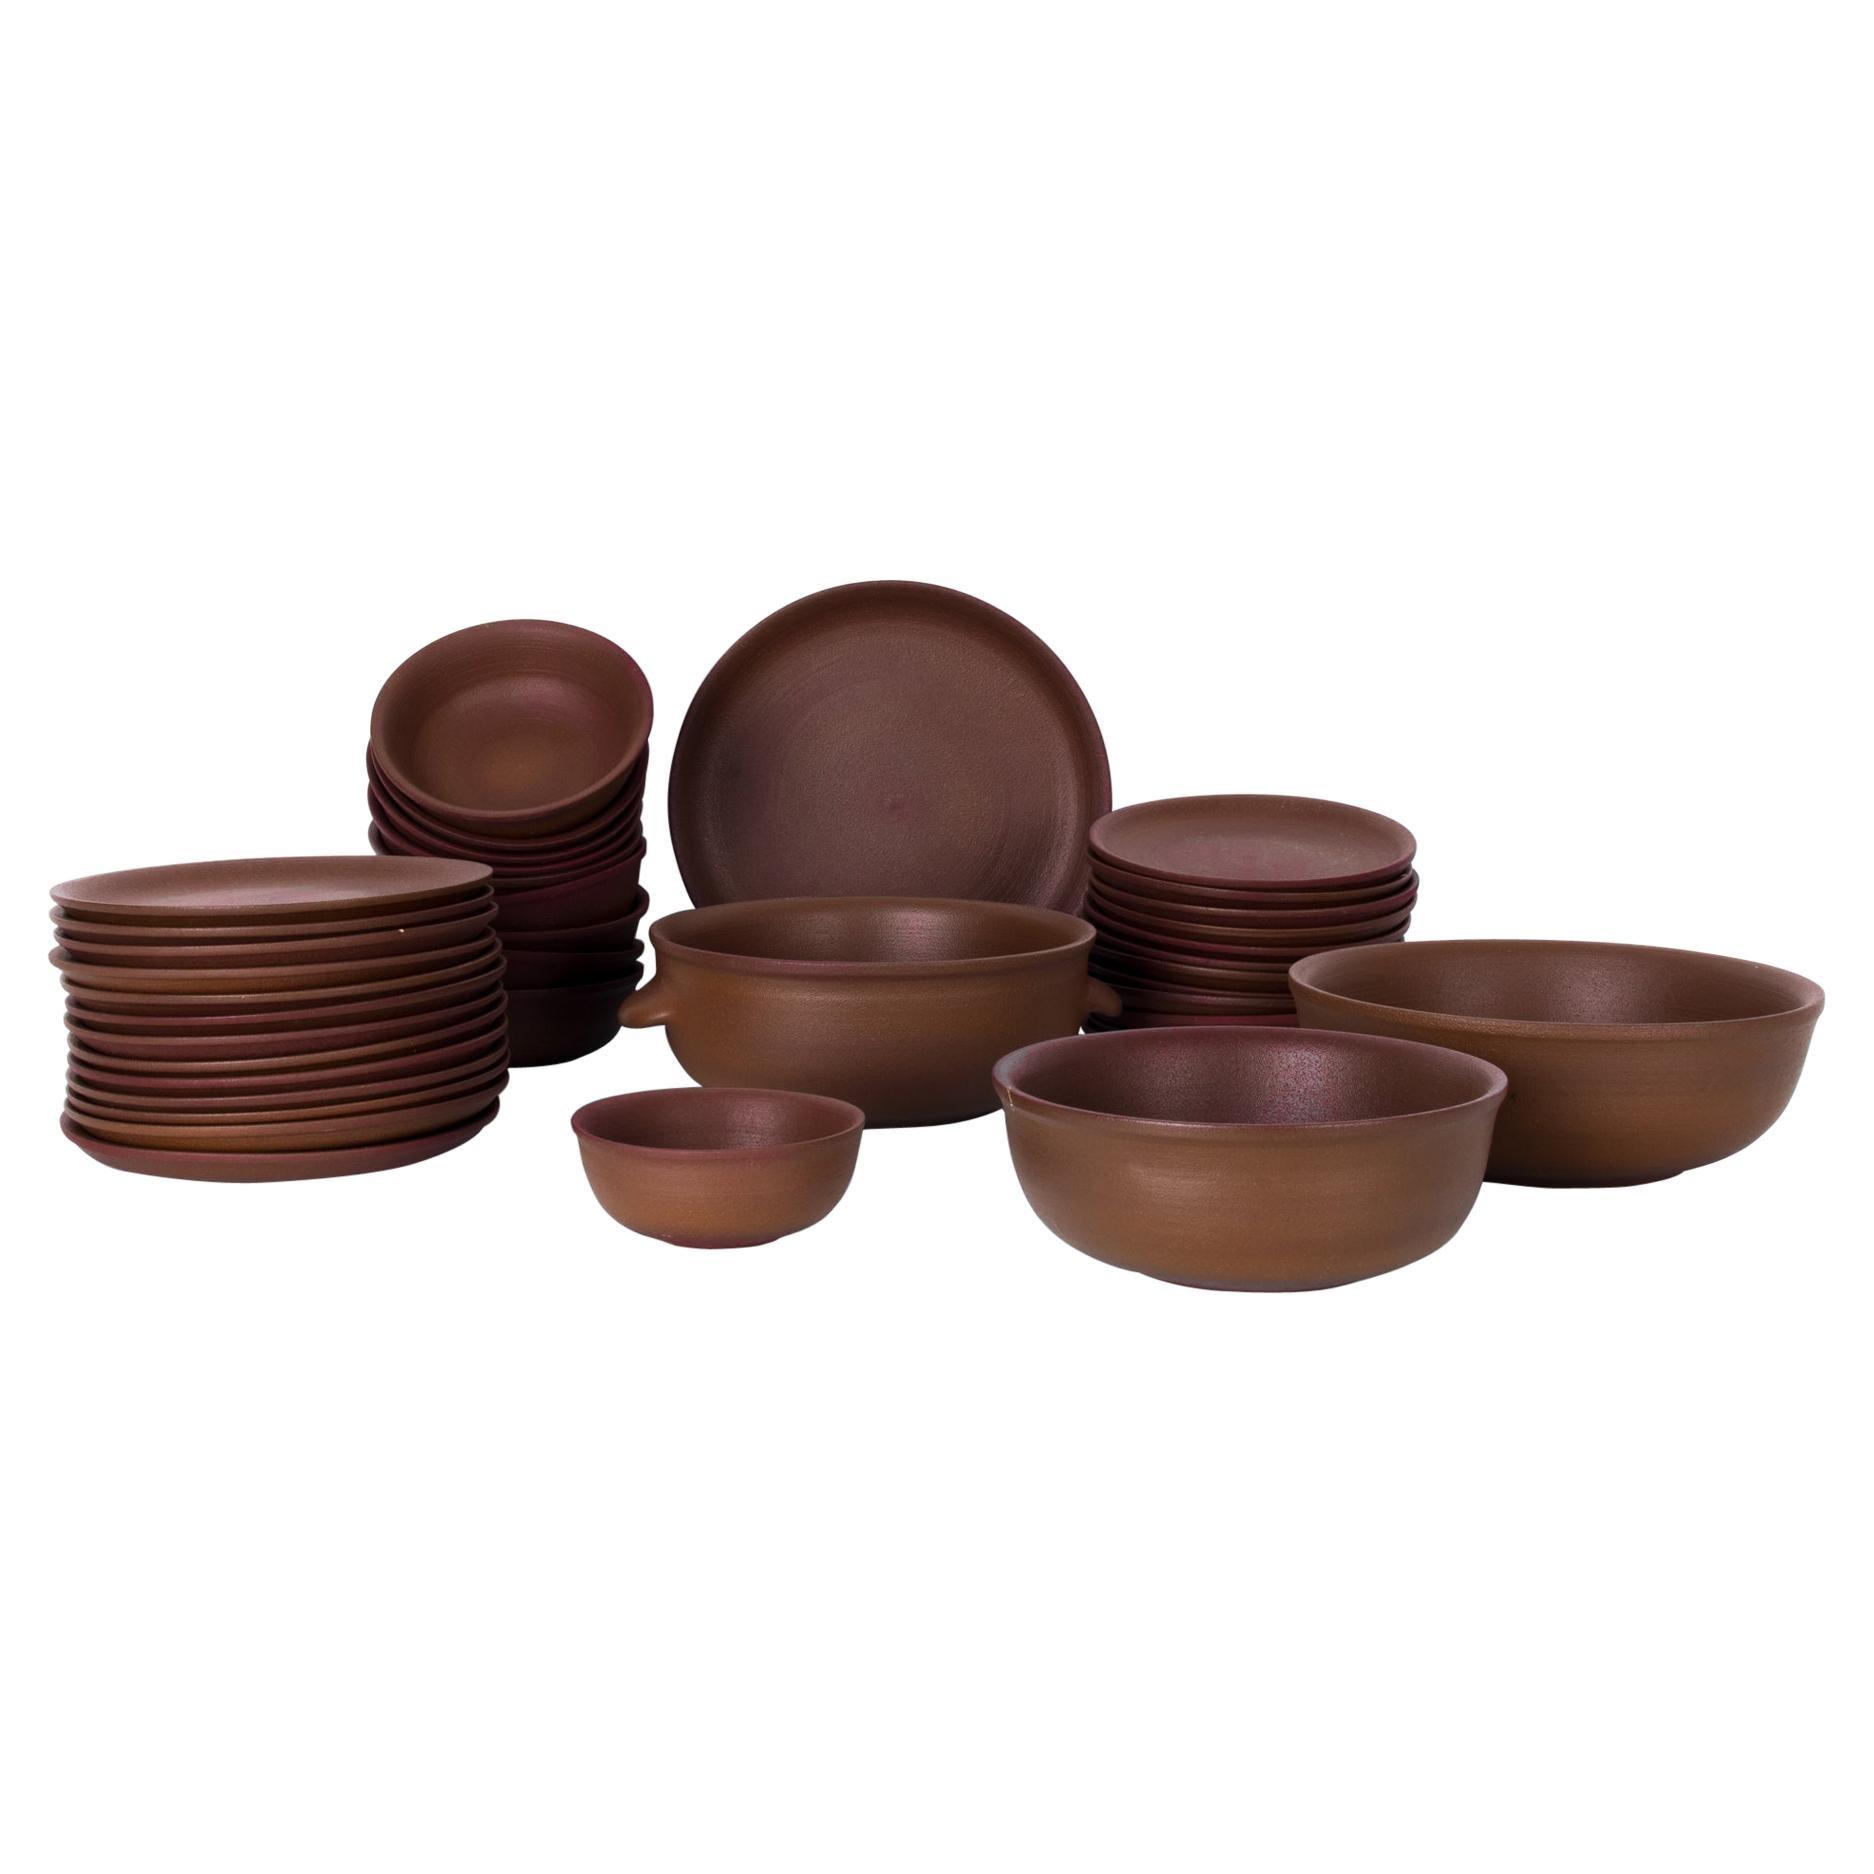 1970s Belgian Brown Ceramic Dinnerware, Set of 39